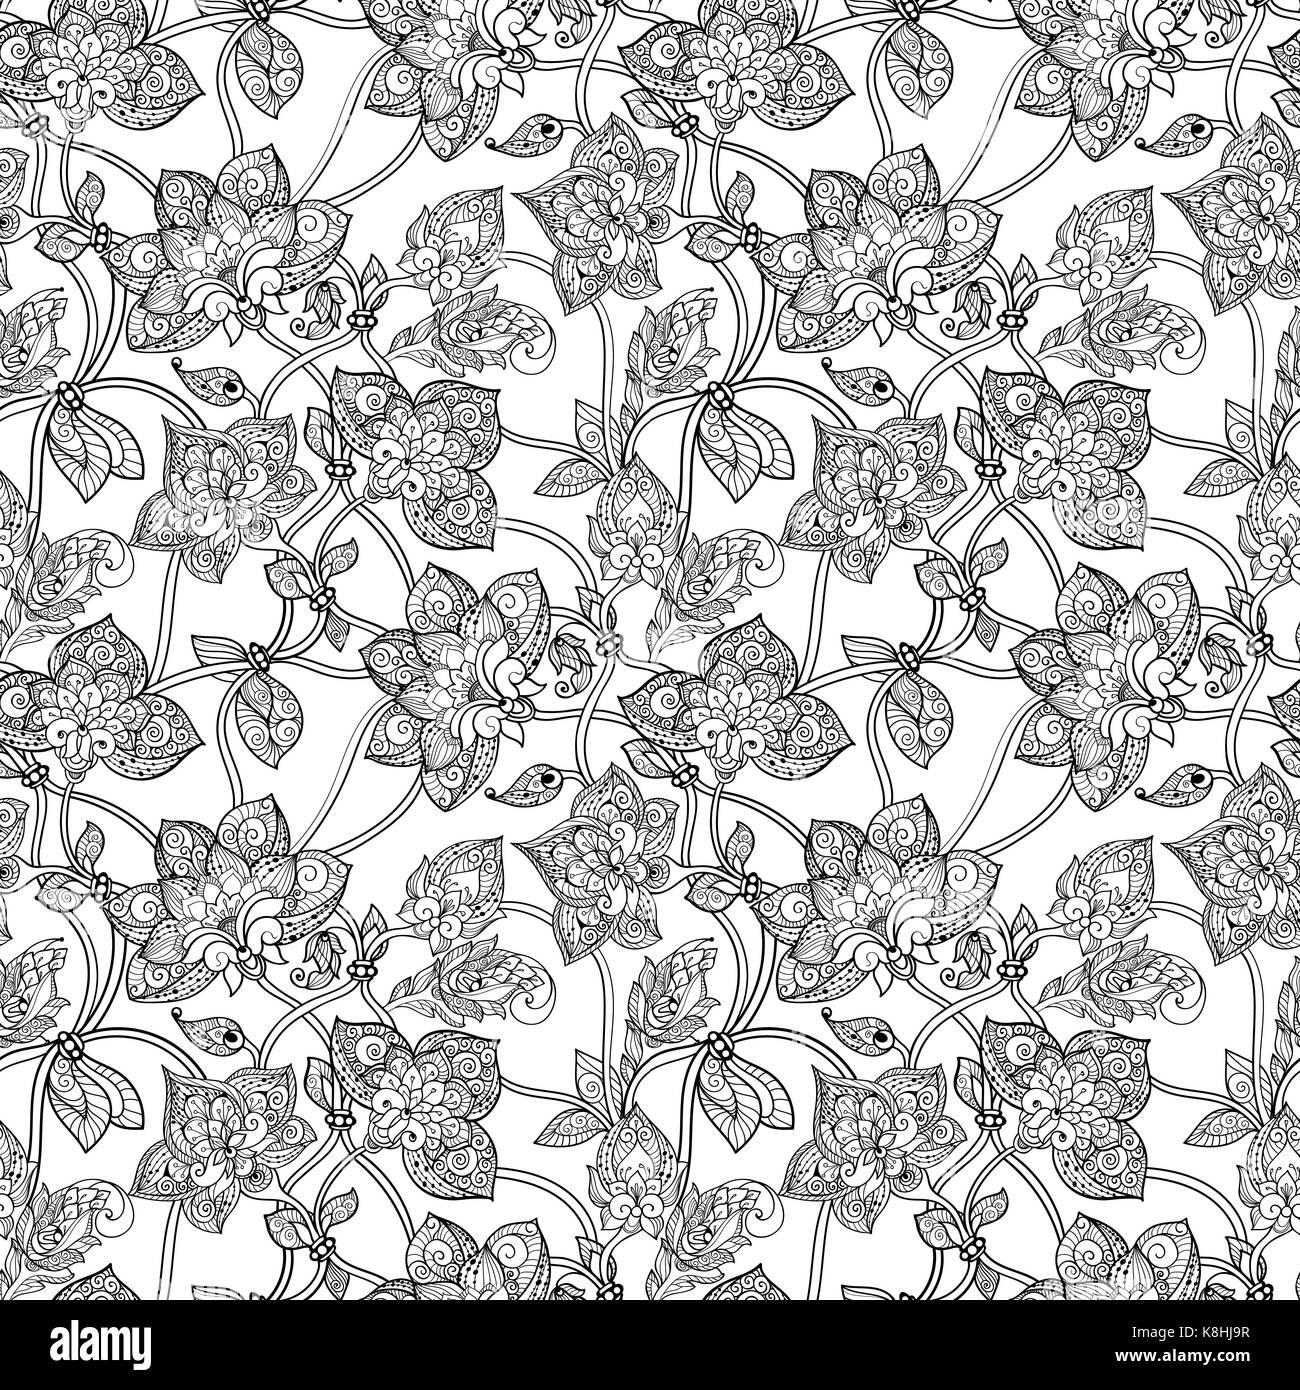 Stylized Flowers Imágenes De Stock & Stylized Flowers Fotos De Stock ...